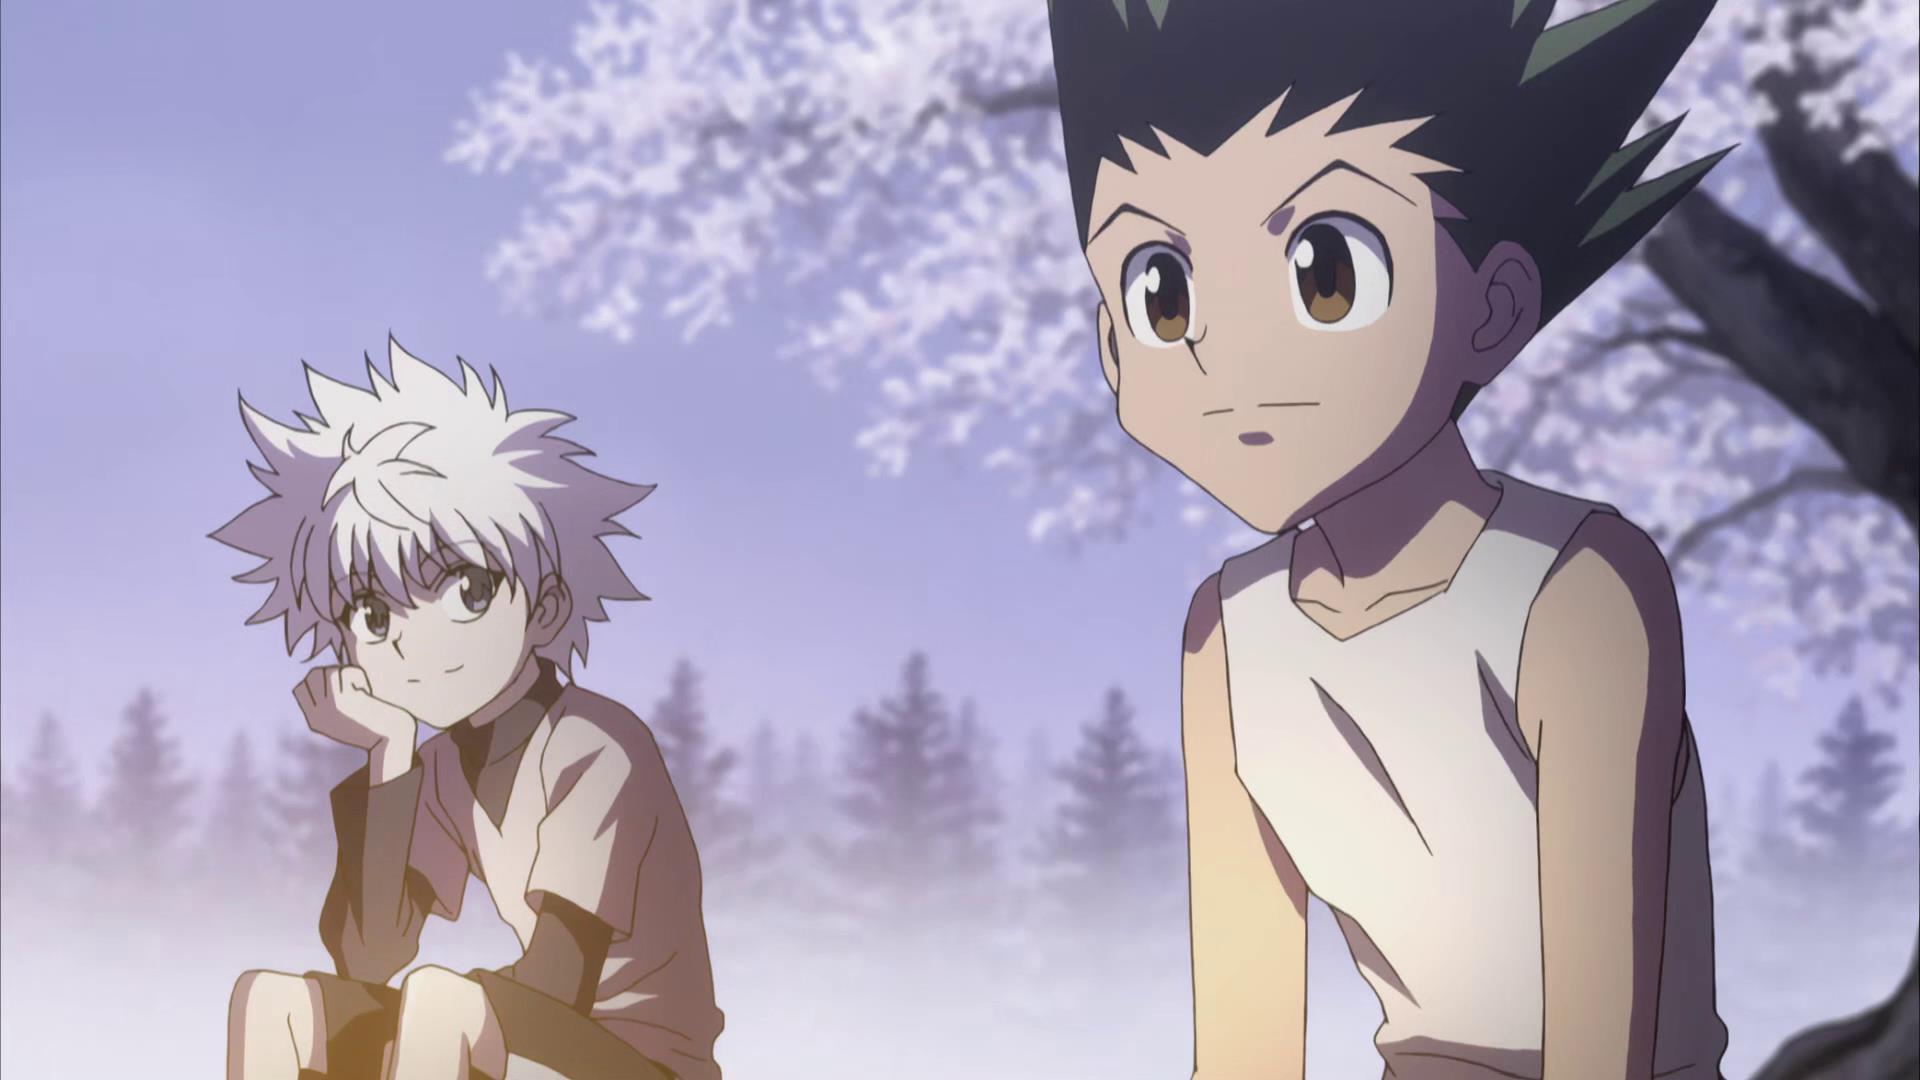 Những bộ phim hoạt hình về tình bạn hay nhất (P2) | Top Anime Hay (8)